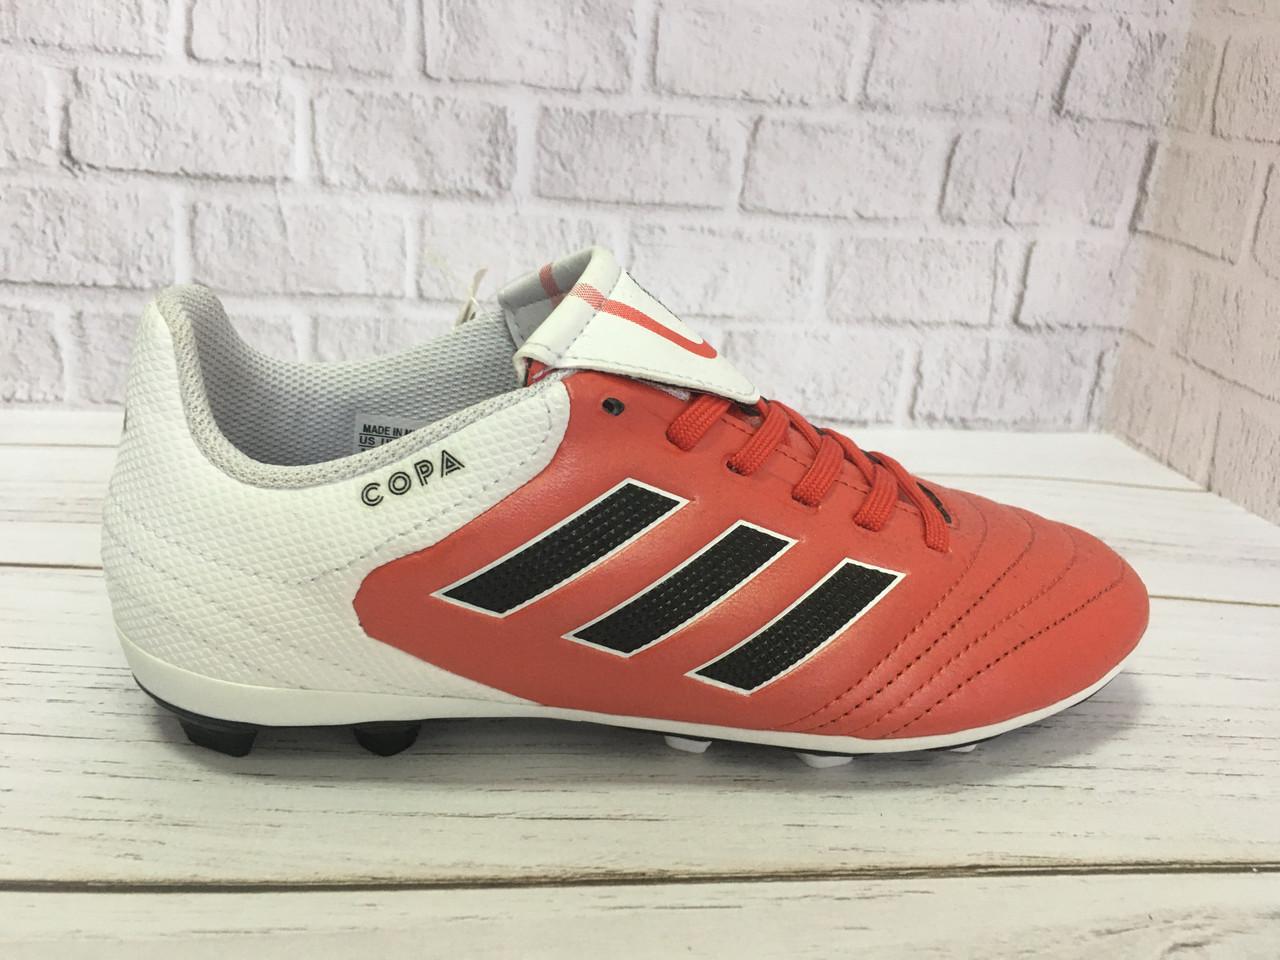 Бутсы Adidas COPA 17.4, 35,5 размер